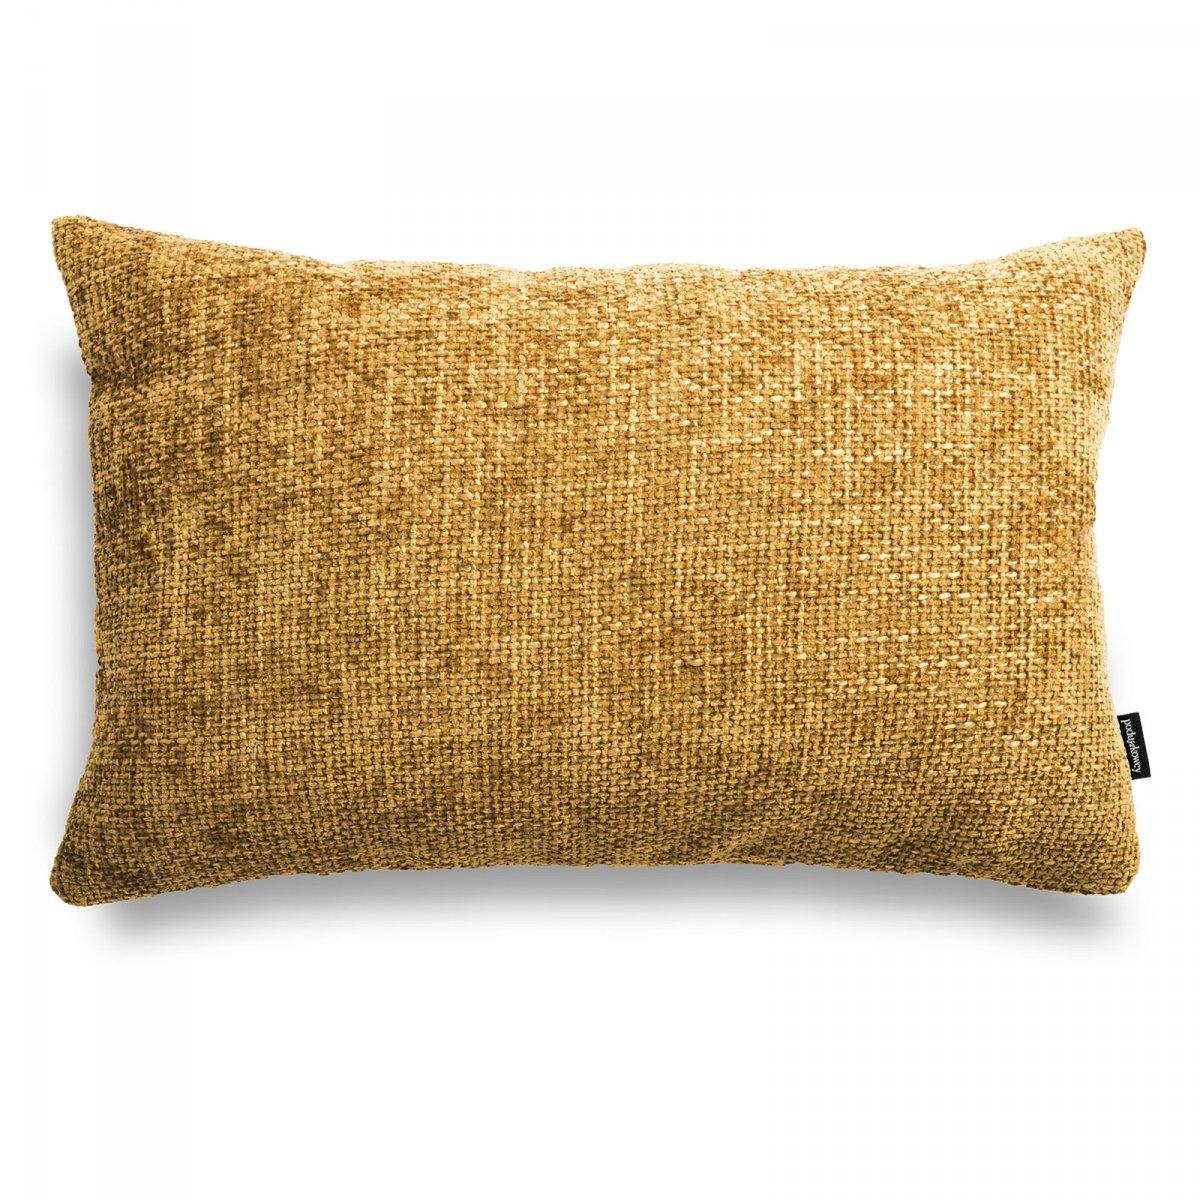 Coco złota poduszka dekoracyjna 60x40